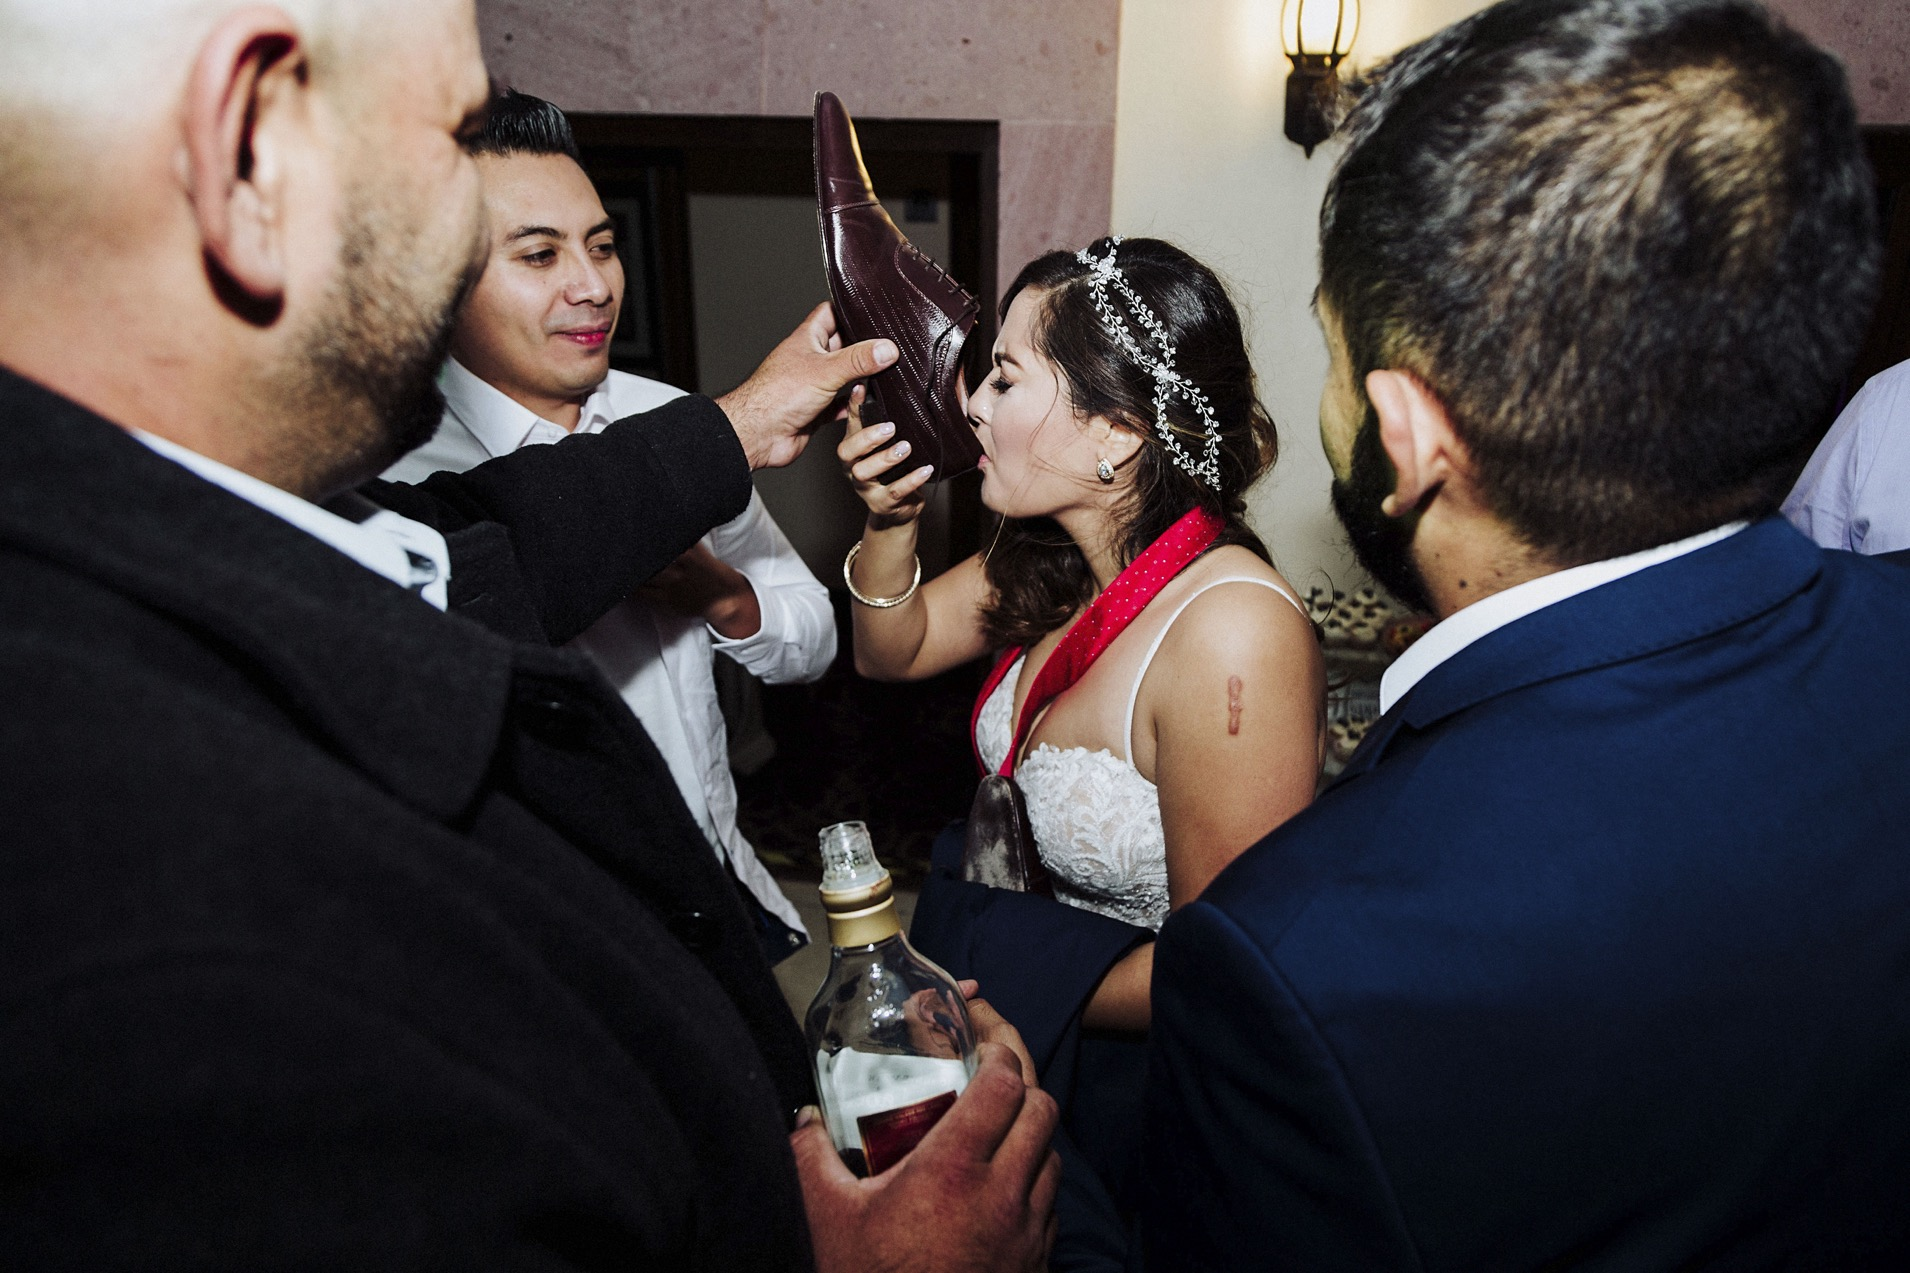 fotografo_profesional_bodas_zacatecas_mexico-82